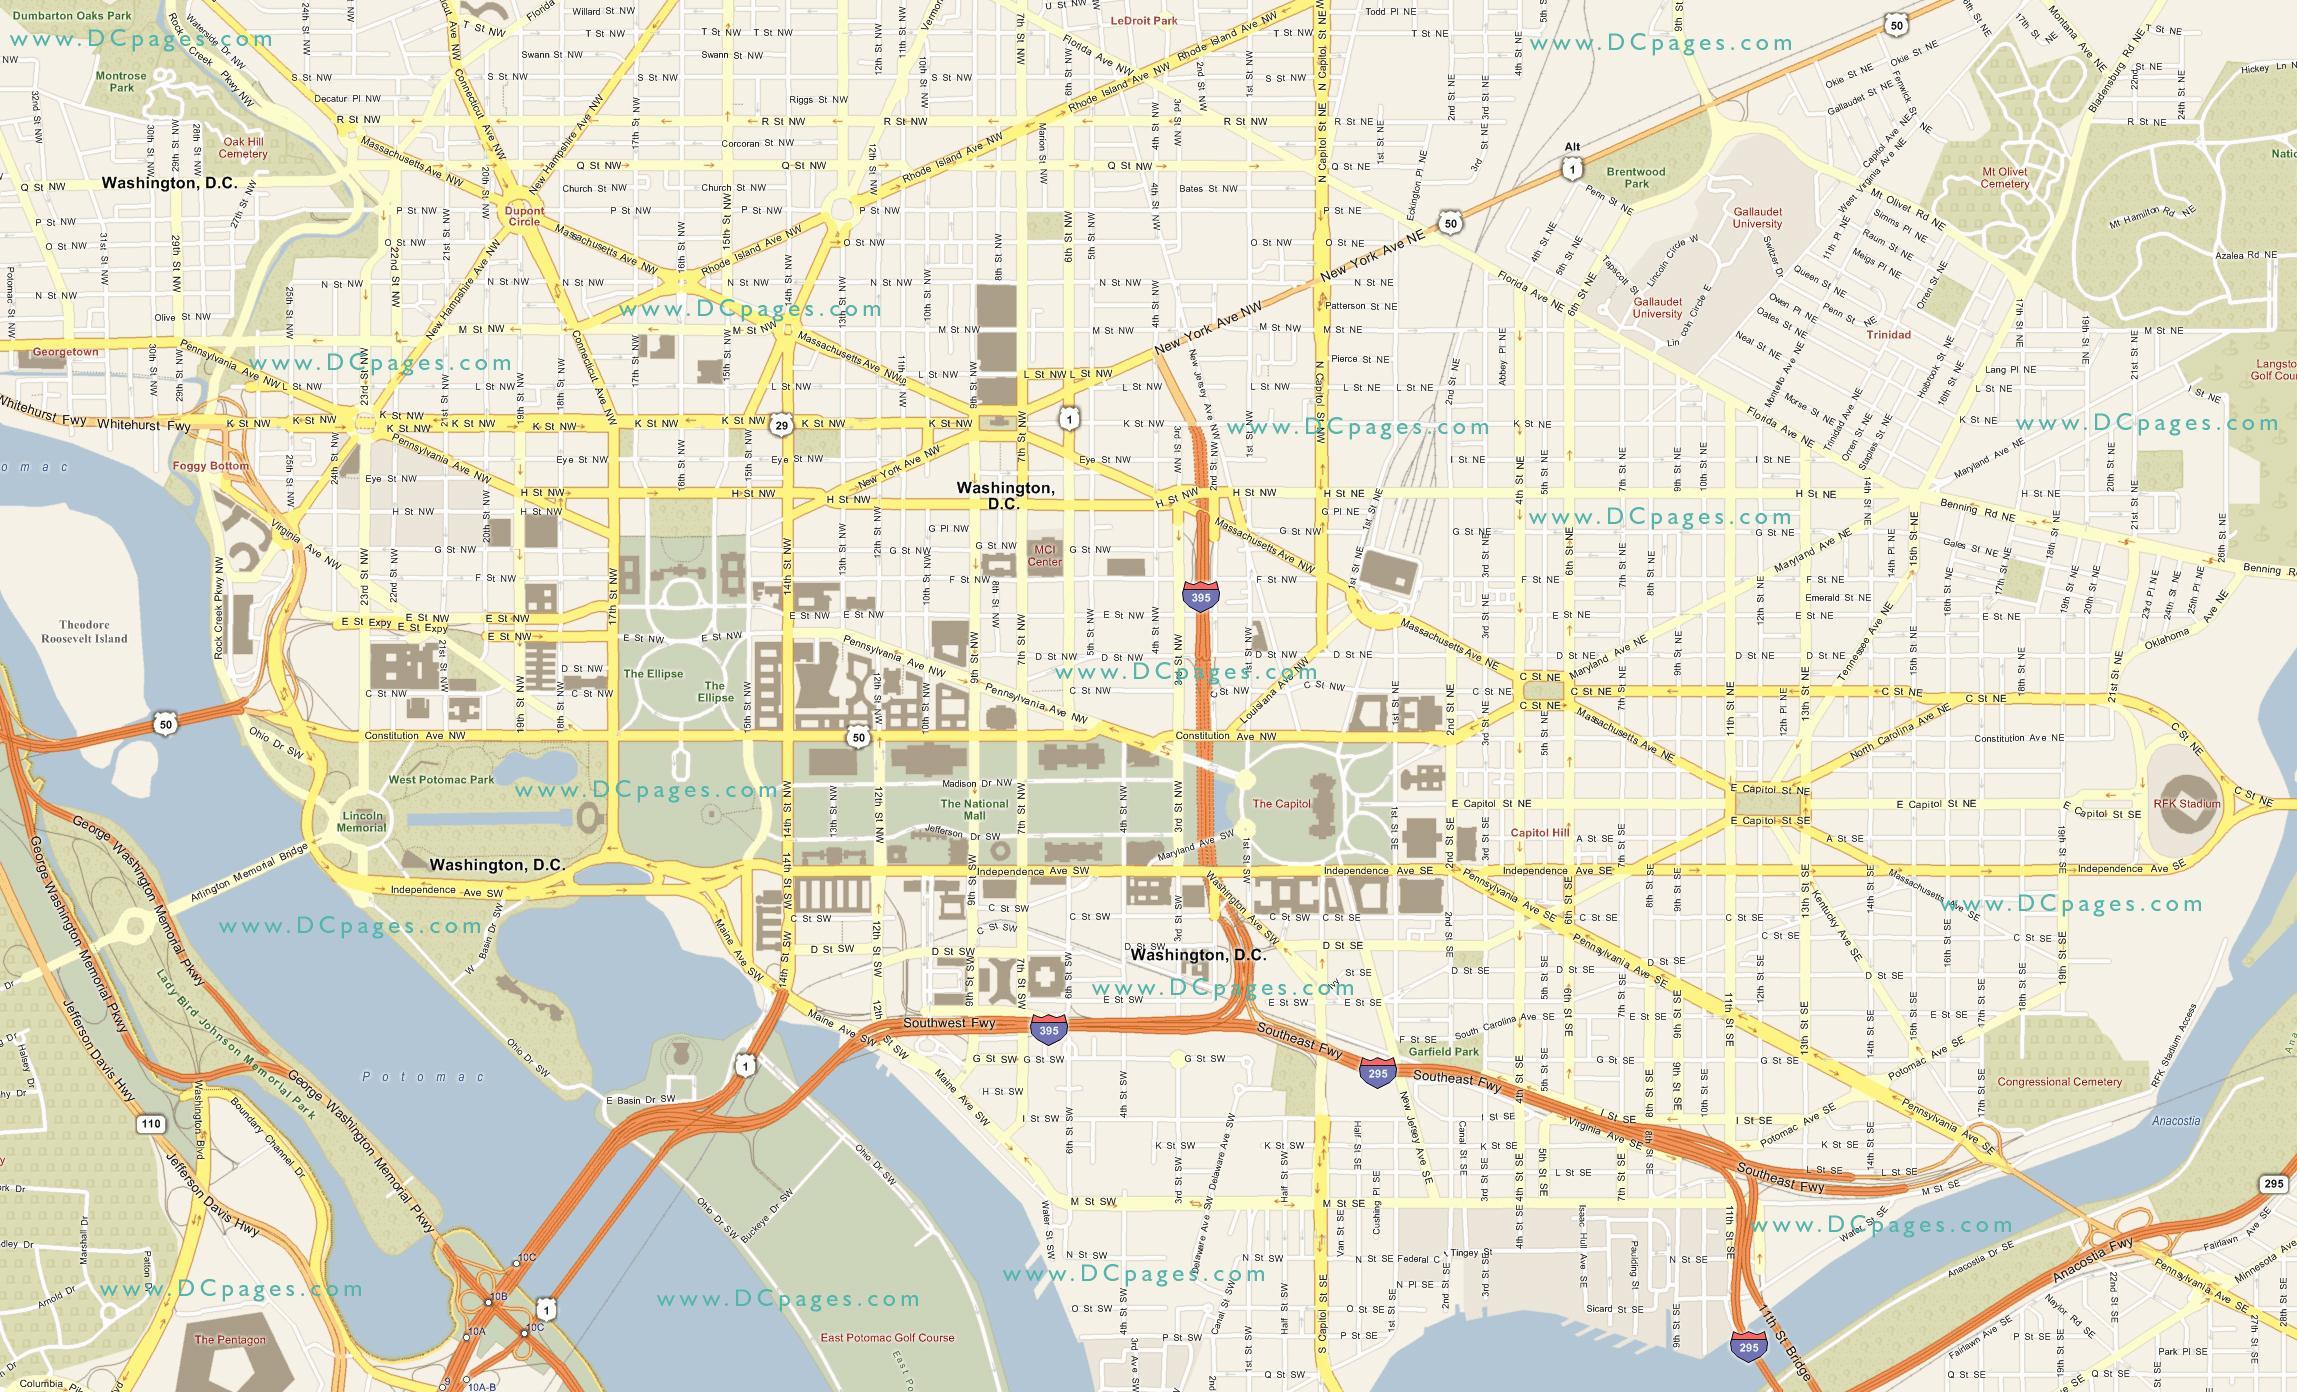 Detaljeret Kort Over Washington Dc Detaljeret Kort Over